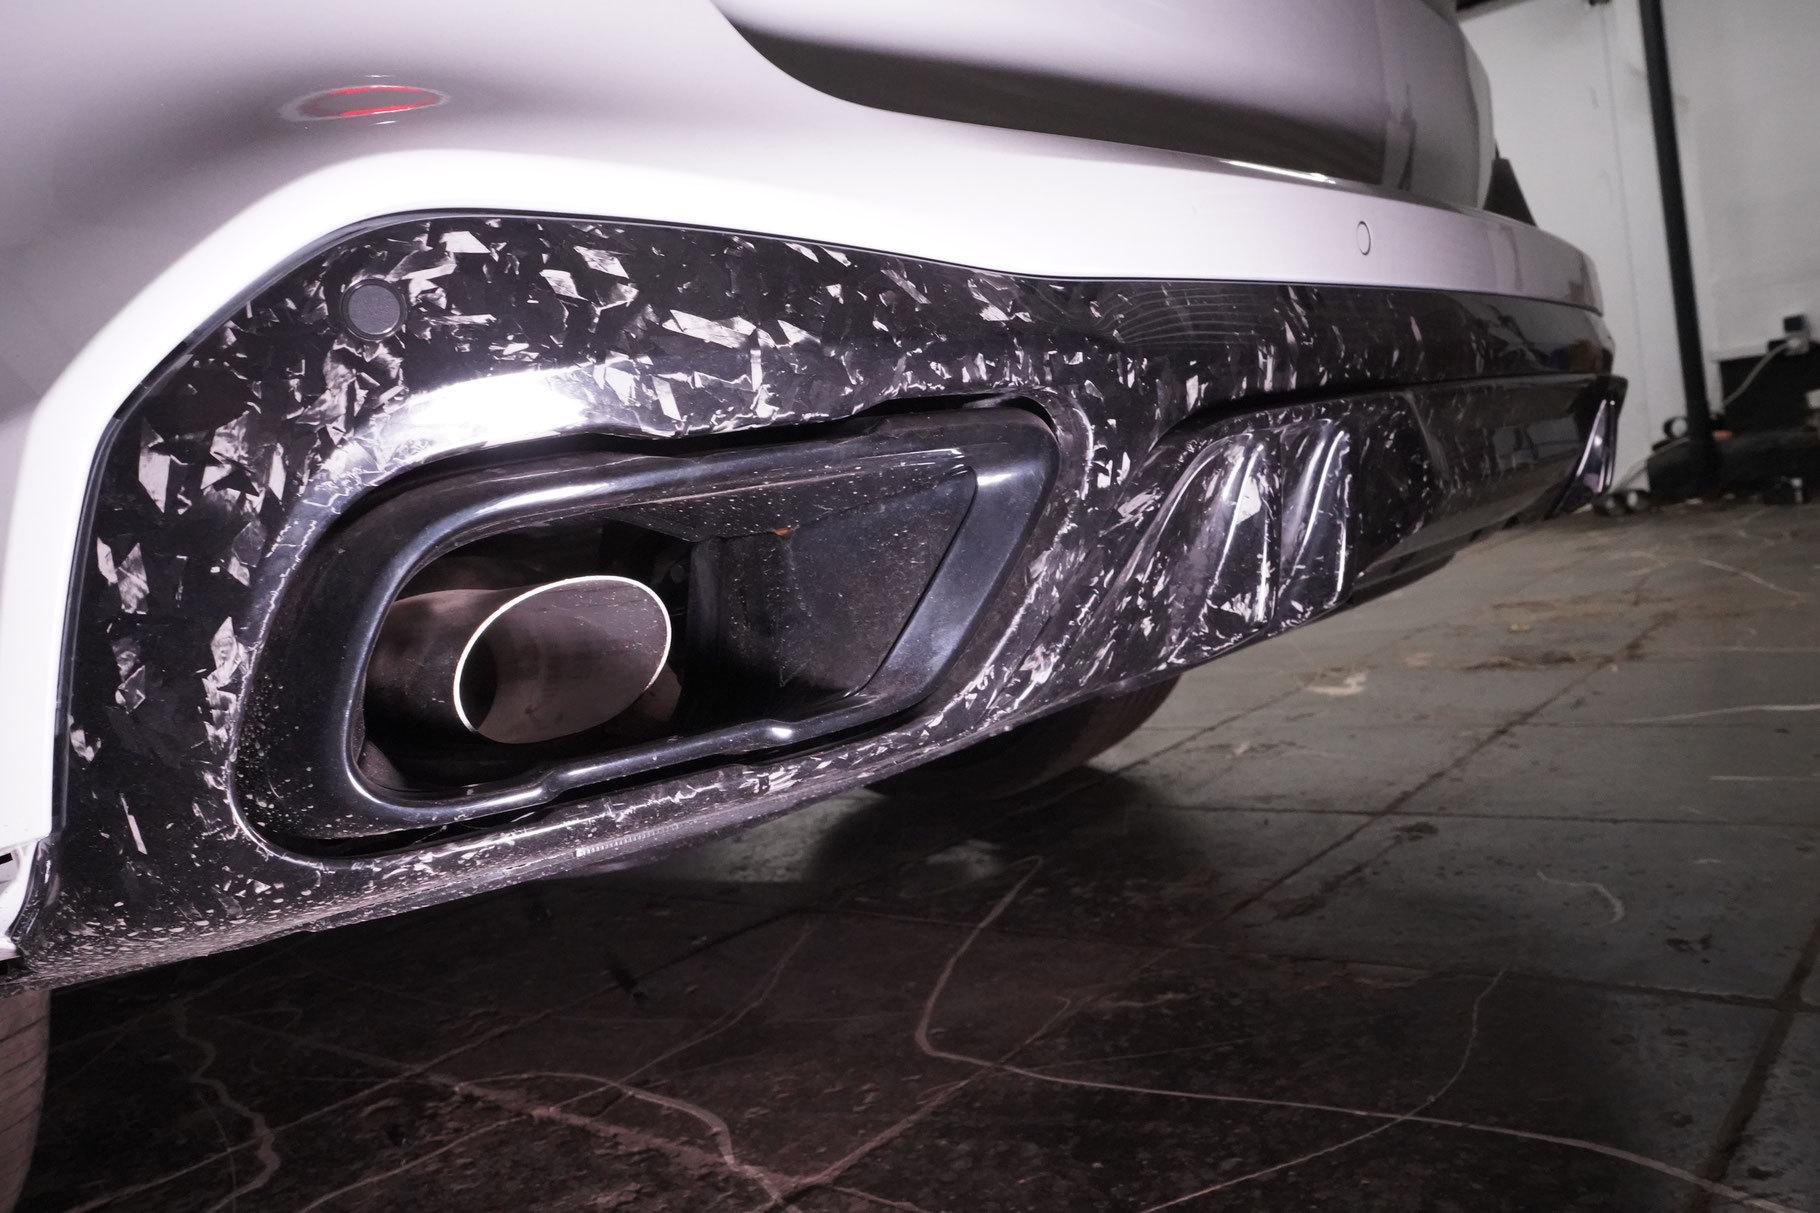 Hodoor Performance Carbon fiber big rear diffuser BMW X5 G05